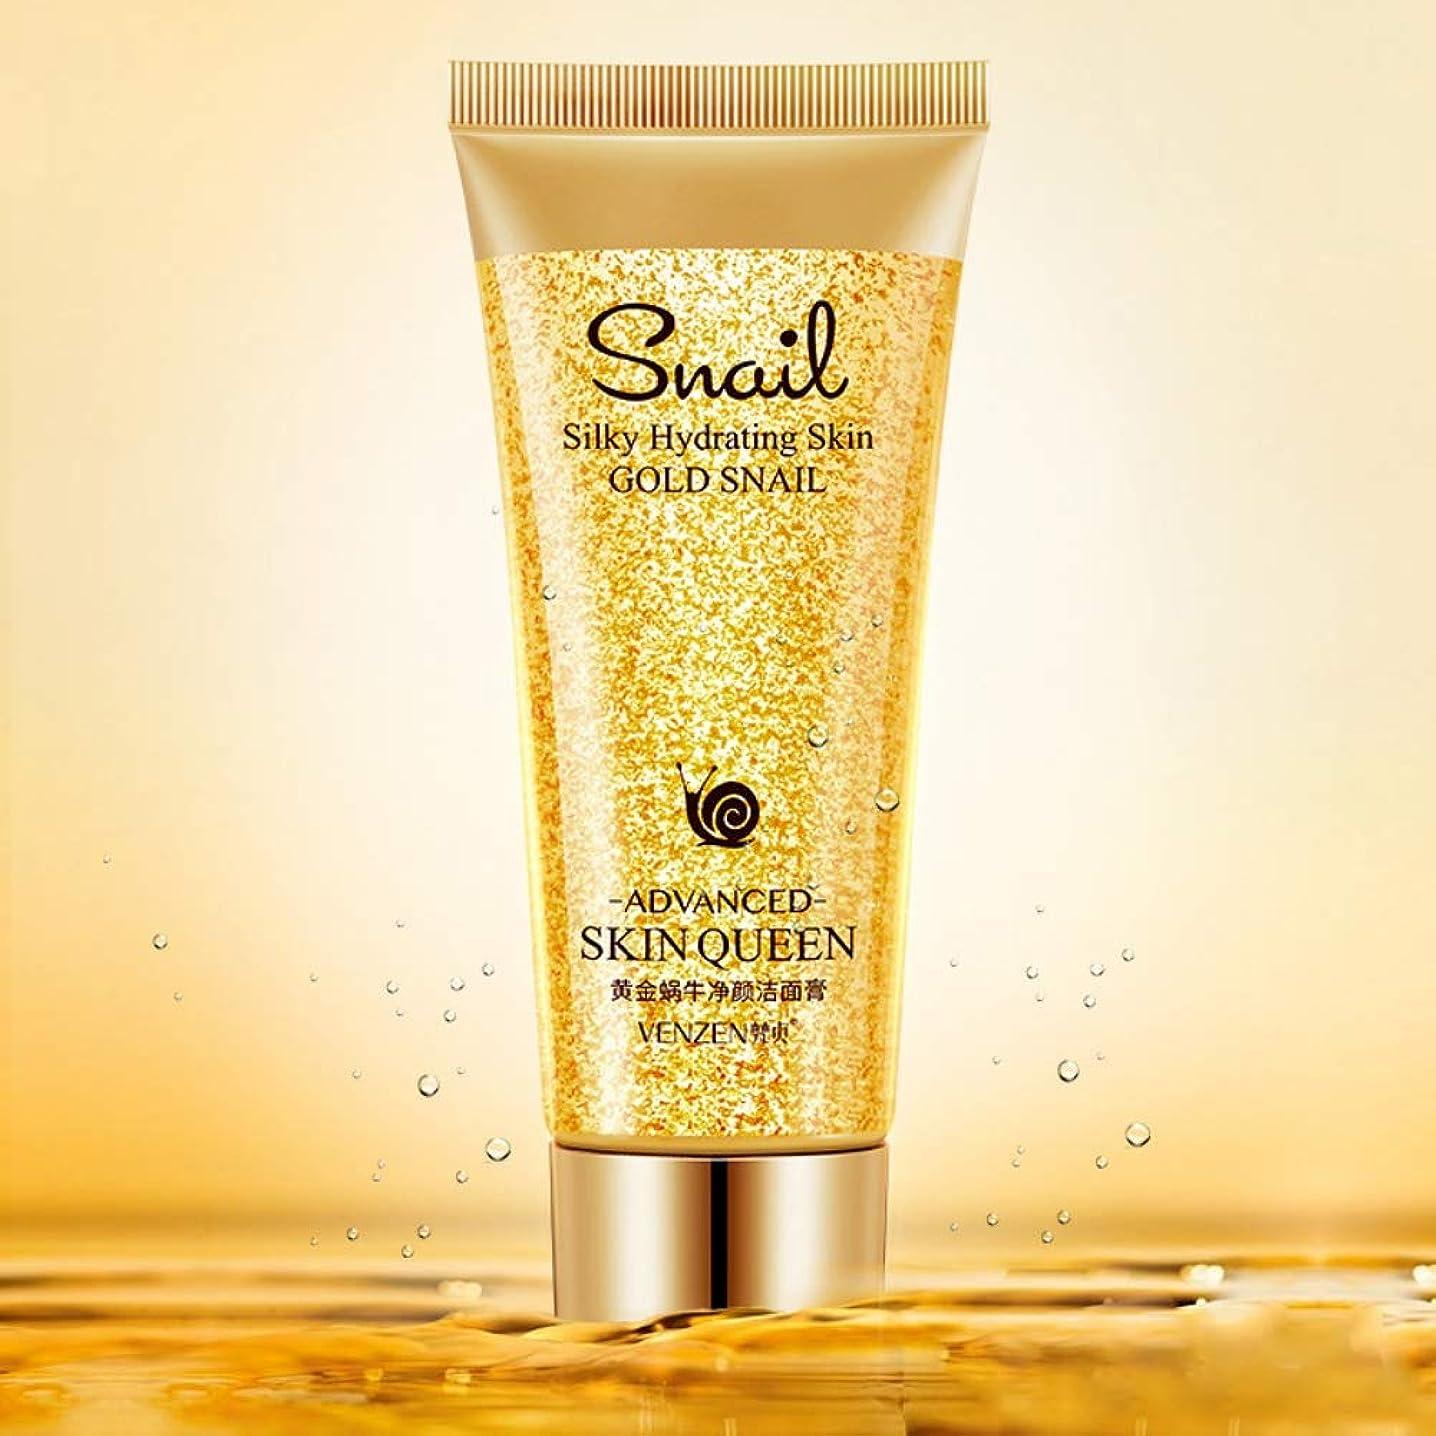 もっともらしい崇拝します告白ゴールド かたつむり 洗顔料 保湿 洗浄ポア 洗顔料 ニキビ毛穴乾燥対策 なめらか スキンケア フェイストリートメント Cutelove